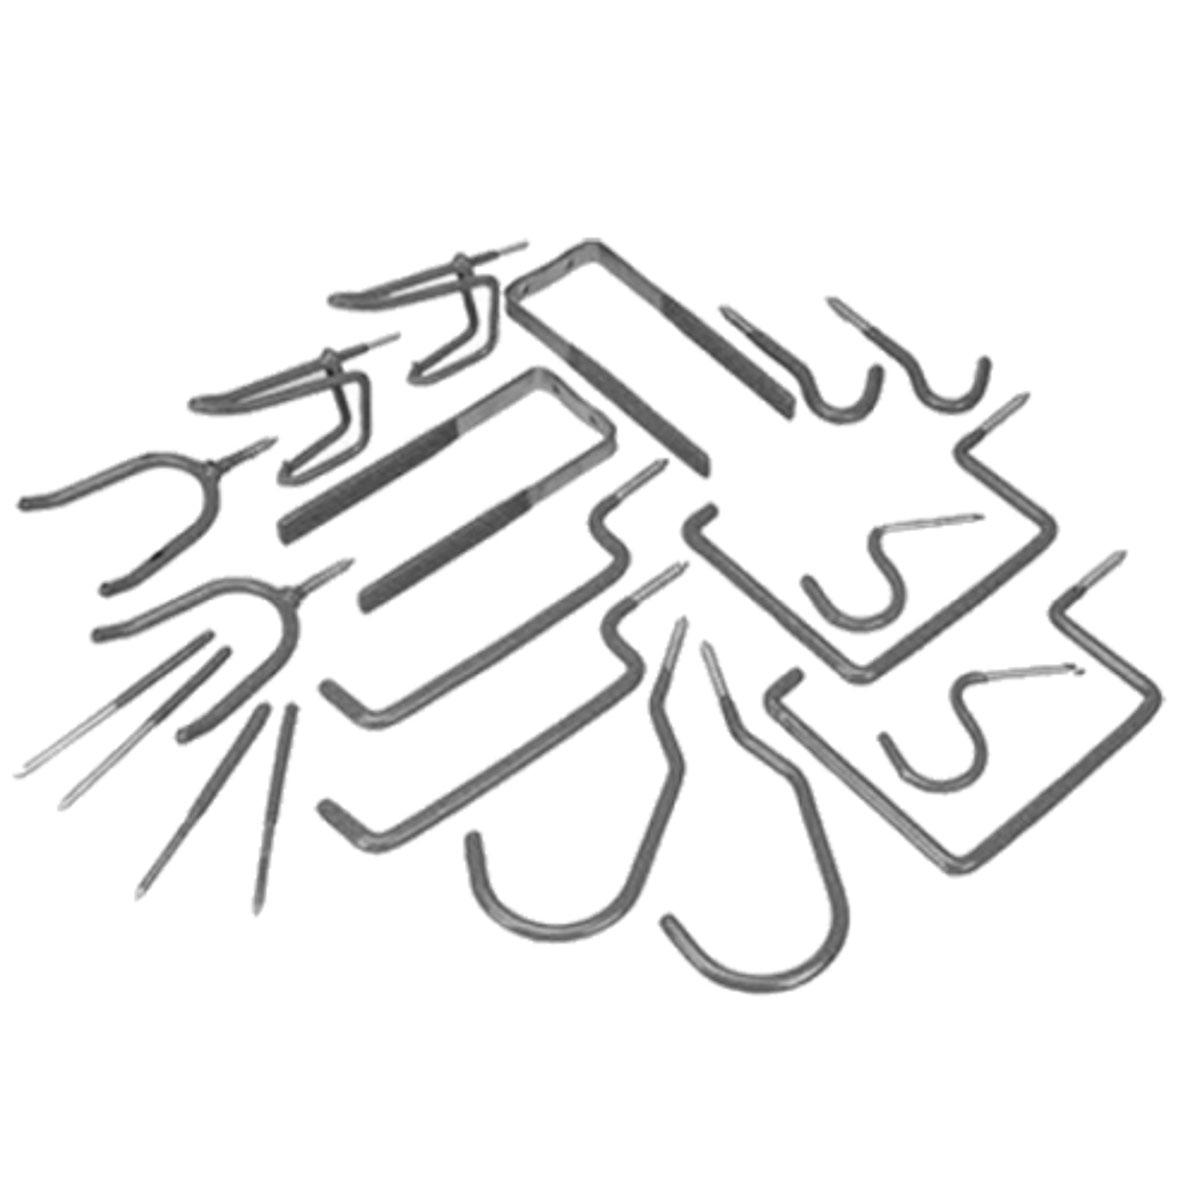 Набор крюков для хранения МастерПроф, 20 штТД.010004В наборе 20 крюков и подвесов. Цвет: серый. Материал: сталь.